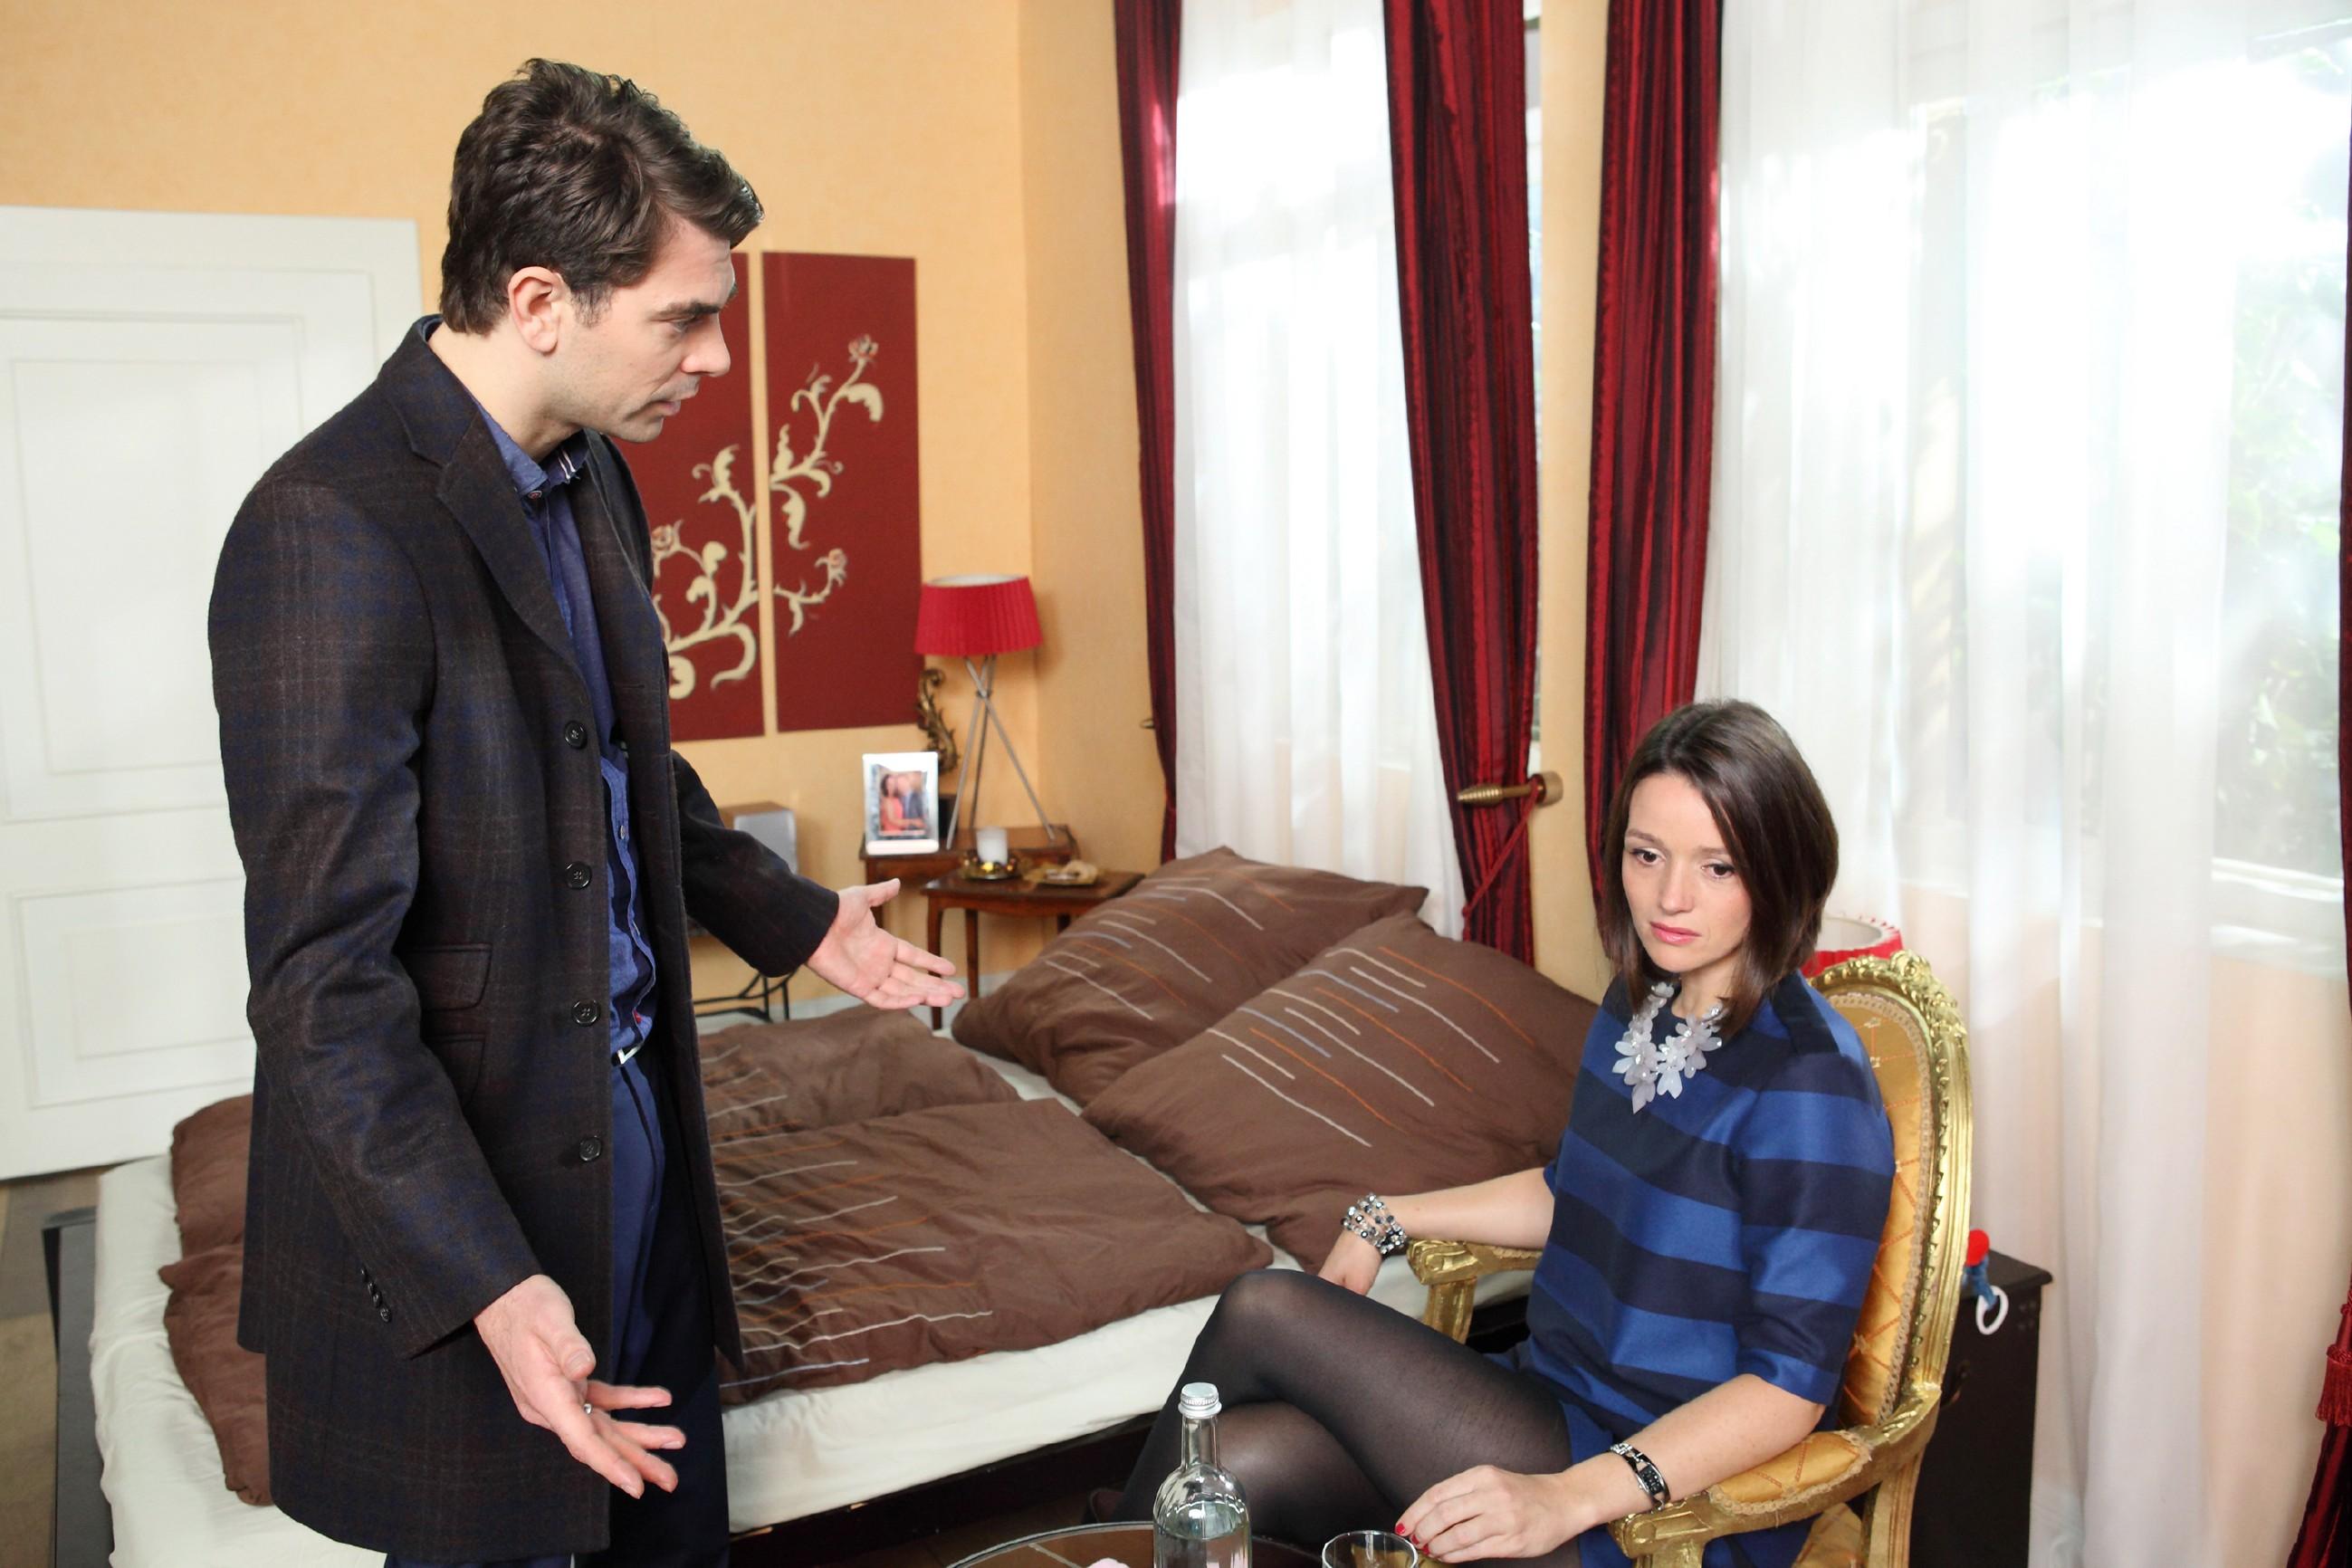 Trotz Veits (Carsten Clemens) Beteuerungen ist Jennys (Kaja Schmidt-Tychsen) Vertrauen in seine Liebe erschüttert. (Quelle: RTL / Frank Hempel)